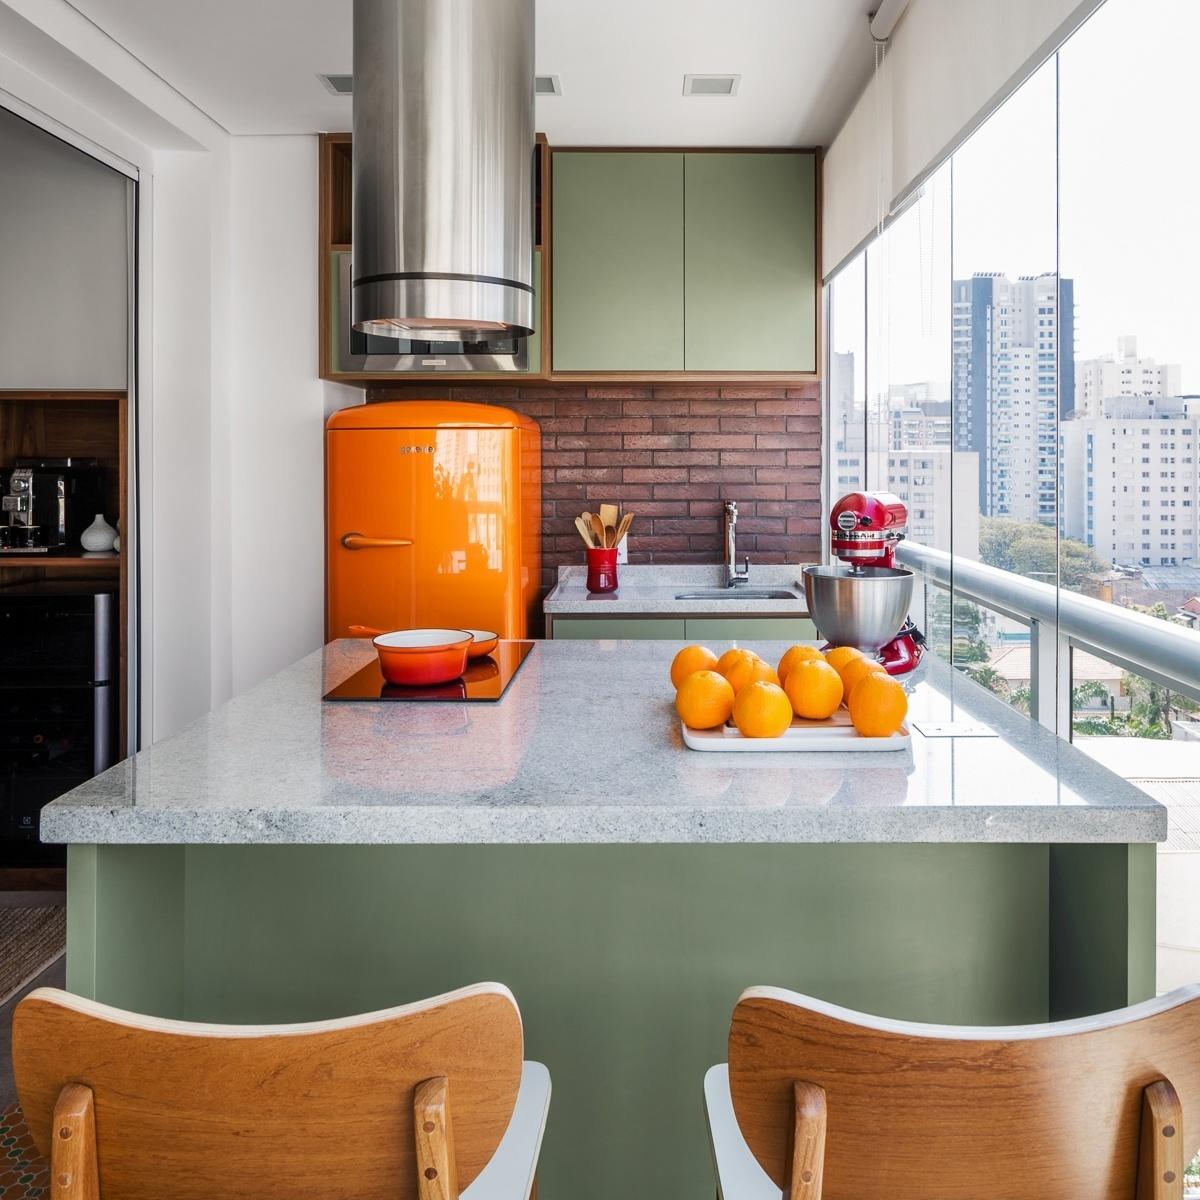 Cozinhas Integradas Casa E Decora O Uol Mulher